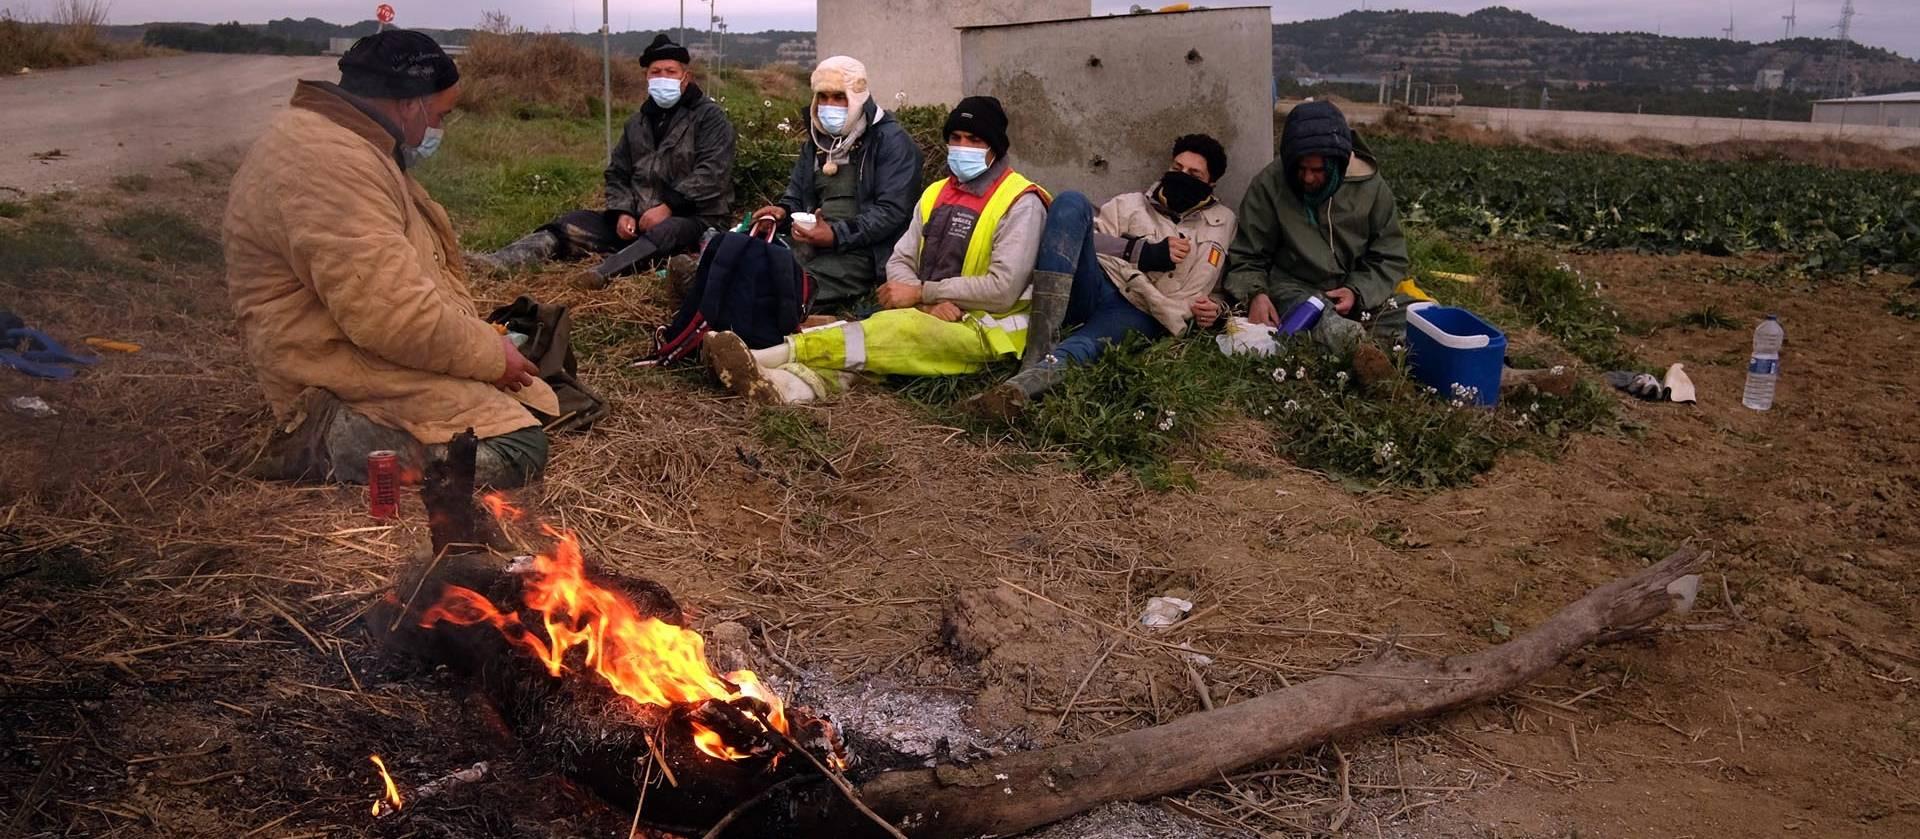 ¿Cómo está impactando la pandemia después de once meses? Durante un recorrido de norte a sur de Navarra, un ganadero, un taxista, dos hosteleros, un vendedor ambulante, un gasolinero y un temporero tratan de responder